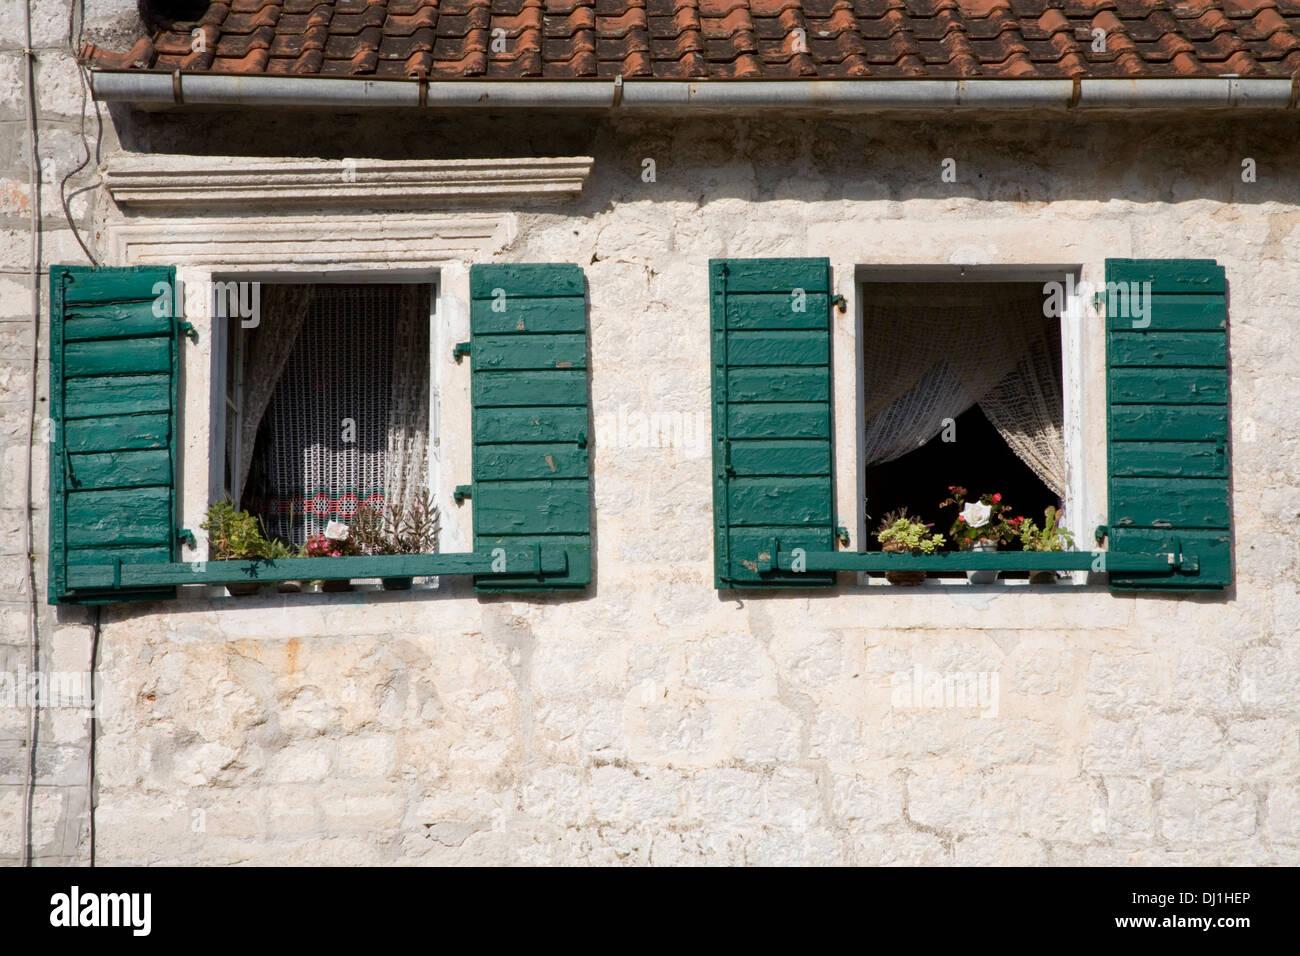 Grüne Fensterläden Fenster auf altes Steinhaus mit Blumen im Fenster ...